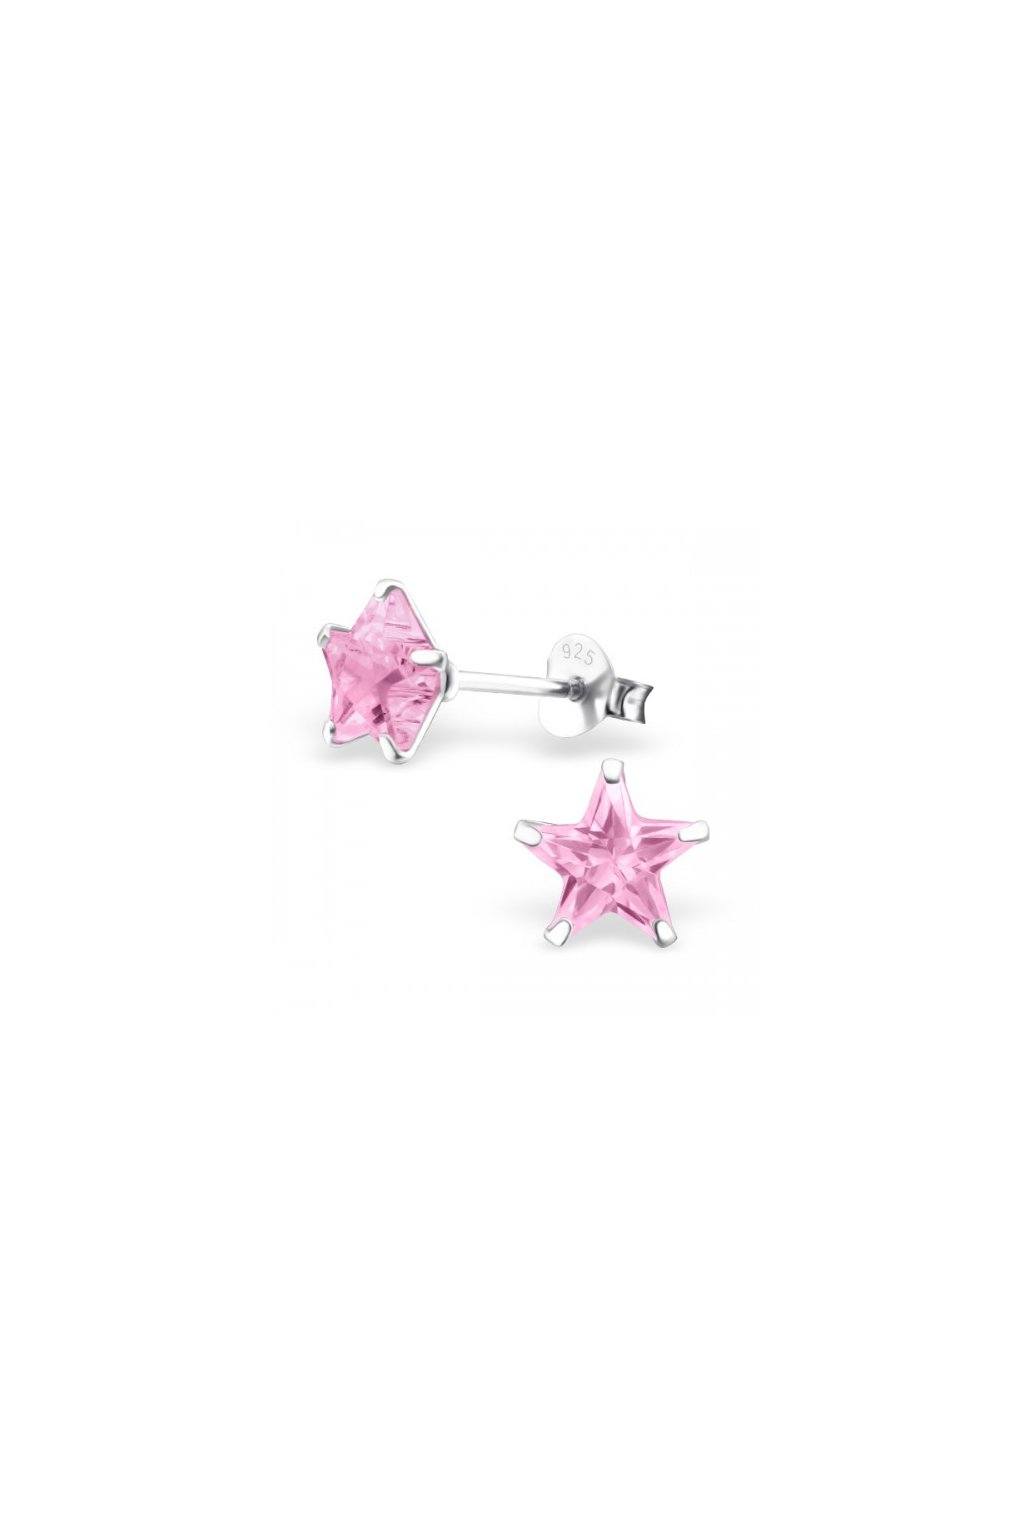 Strieborné náušnice hviezdy - 925 cz ružový kryštál MS9527